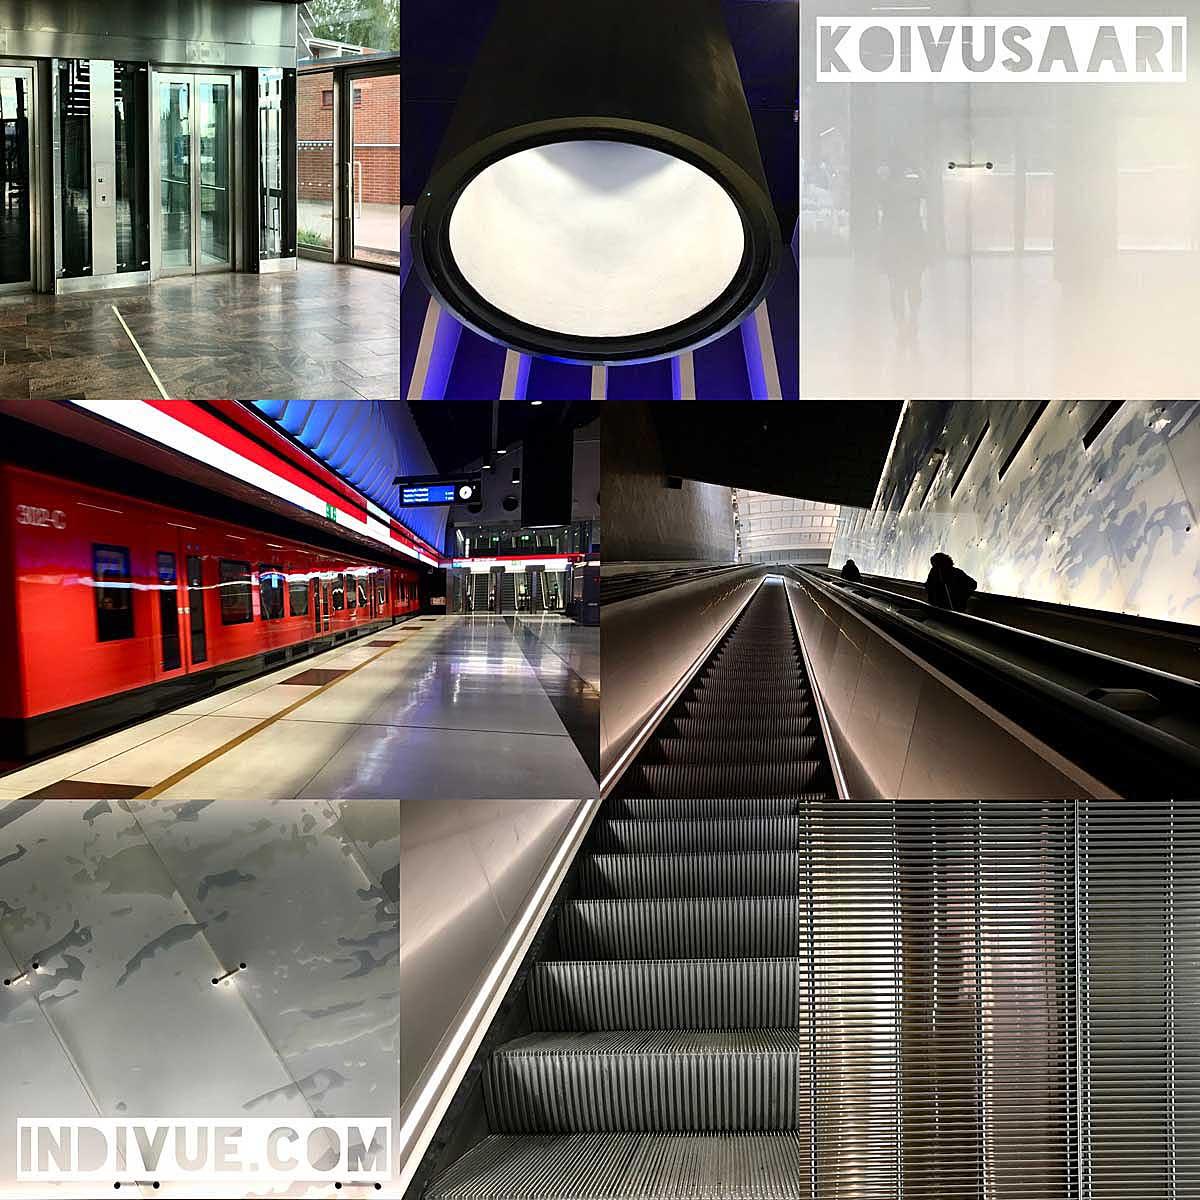 Koivusaaren metroasema -valokuvamontaasi